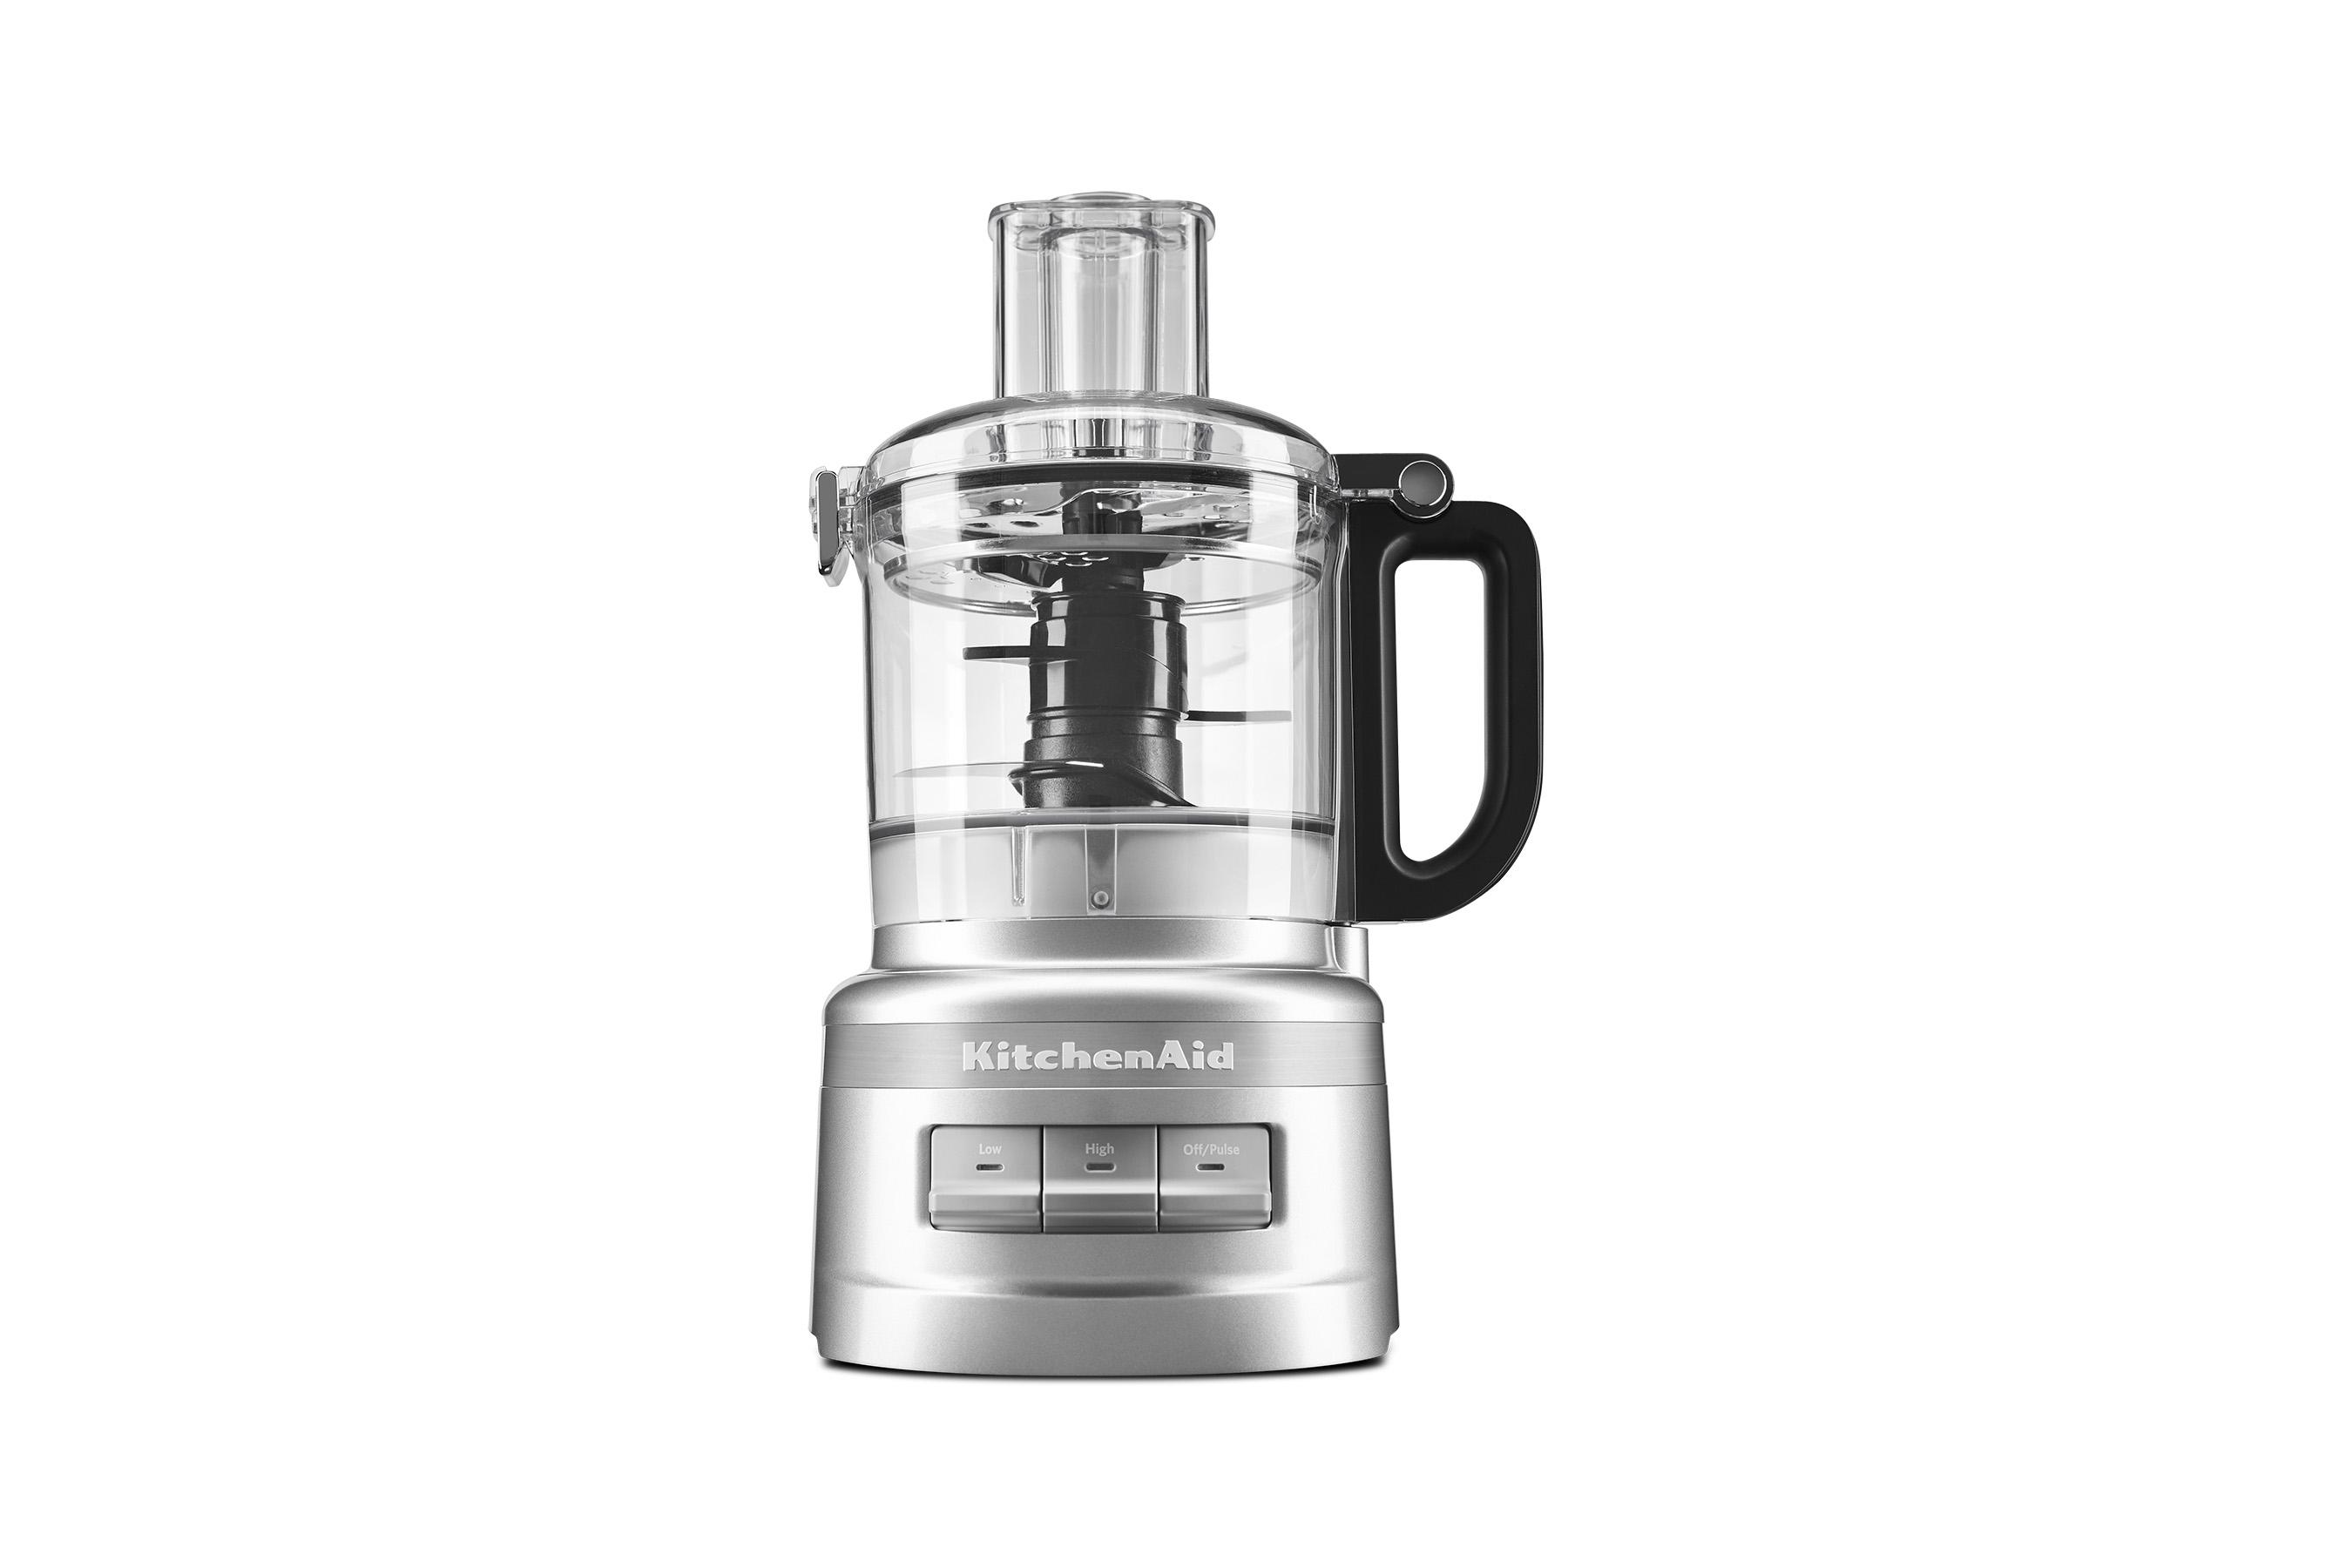 KitchenAid® Debuts New Products At 2018 Housewares Show